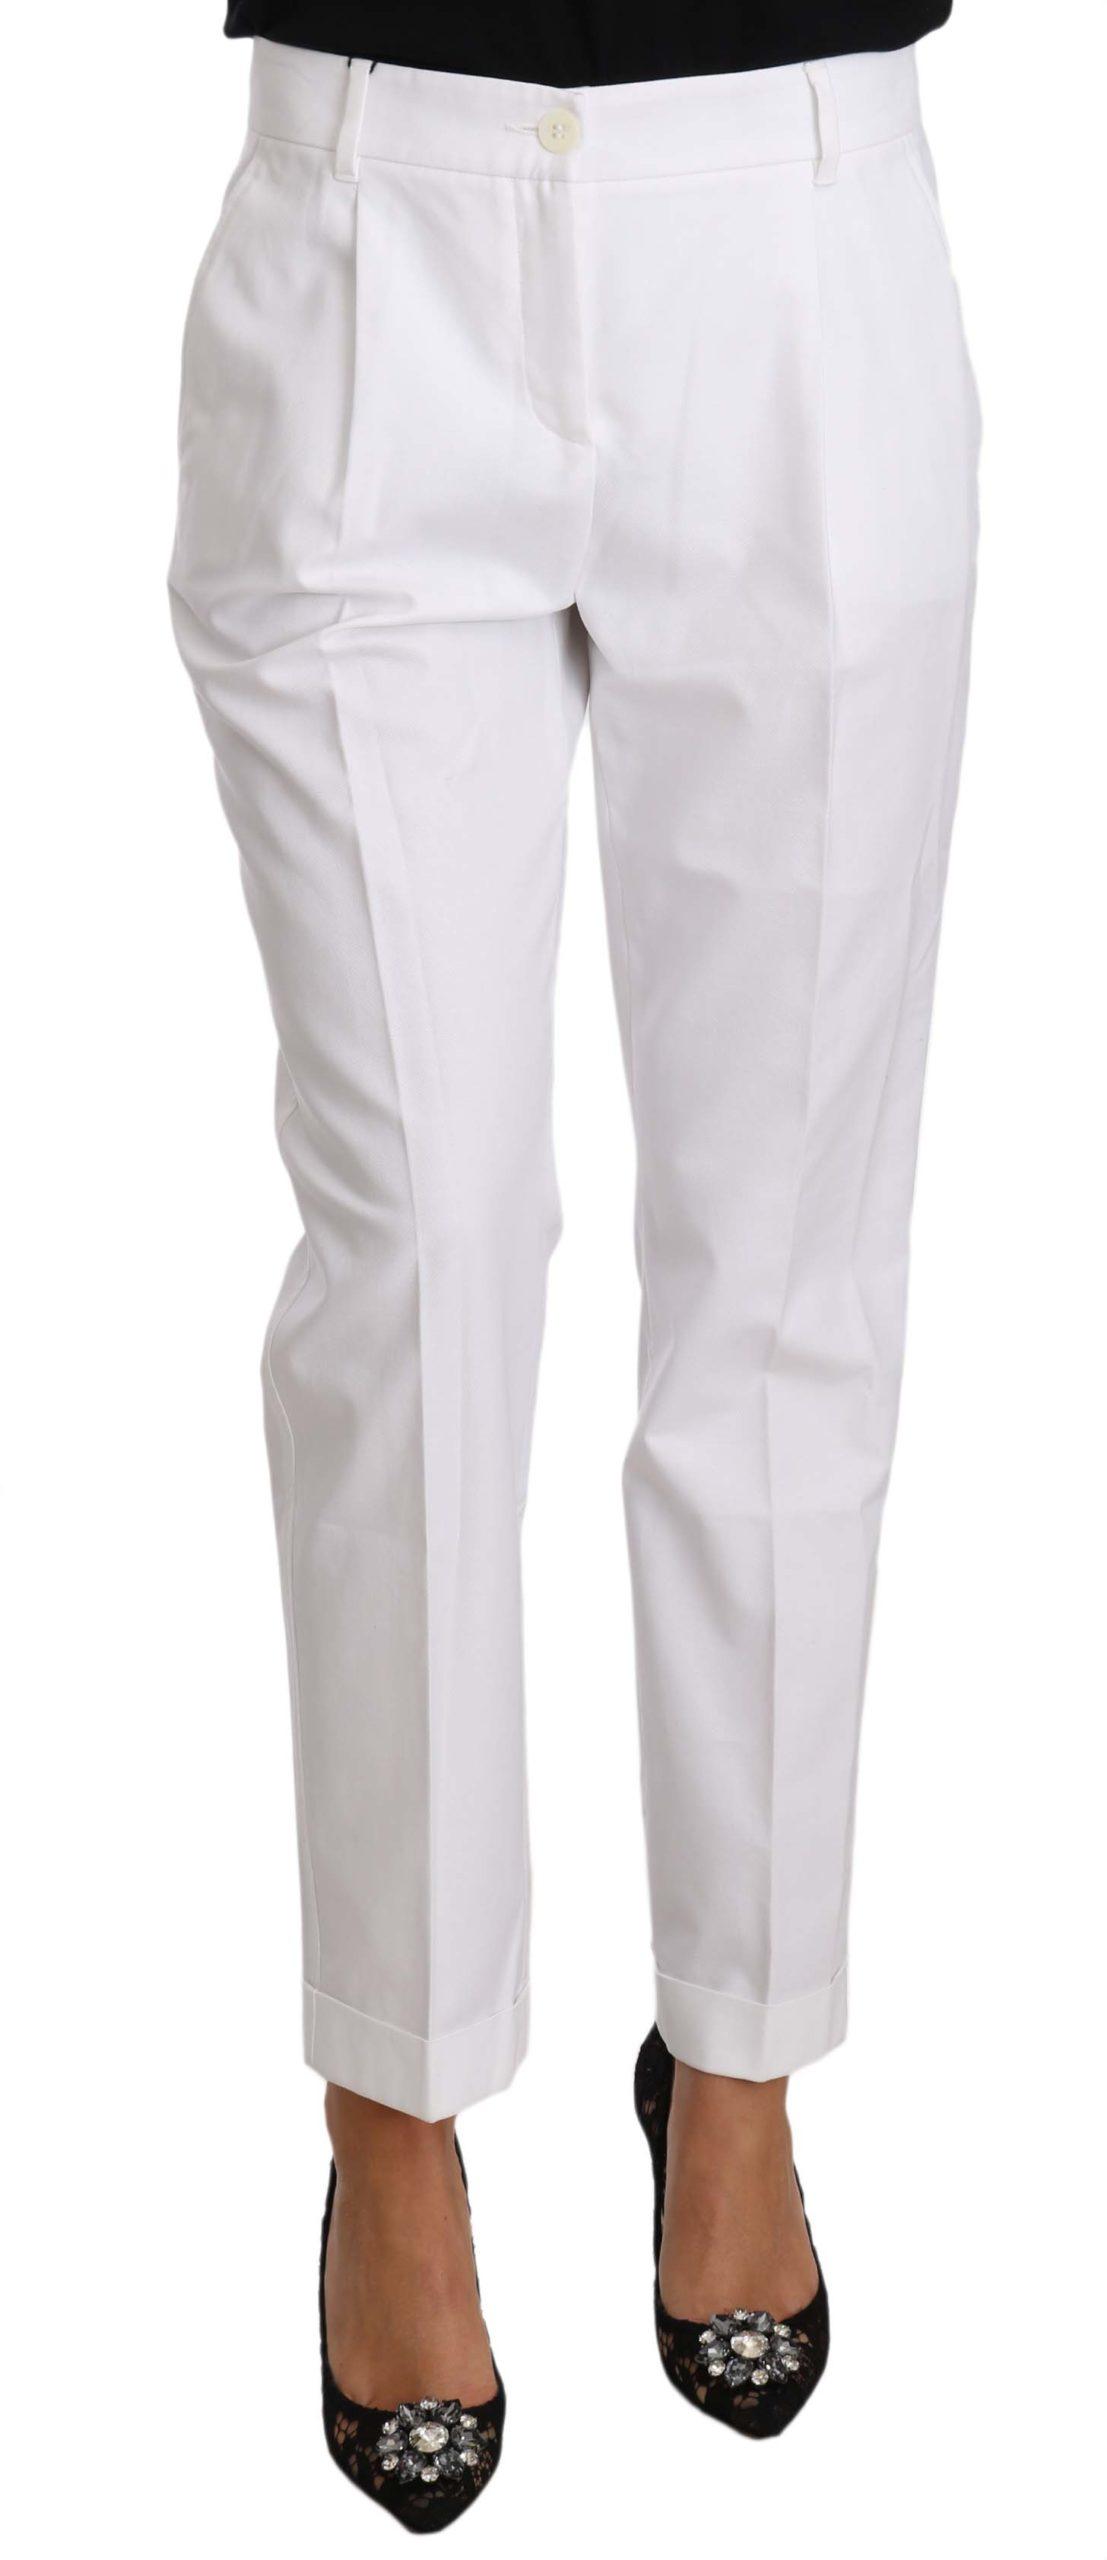 Dolce & Gabbana Women's Cotton Stretch Formal Trouser White PAN70266 - IT40 S